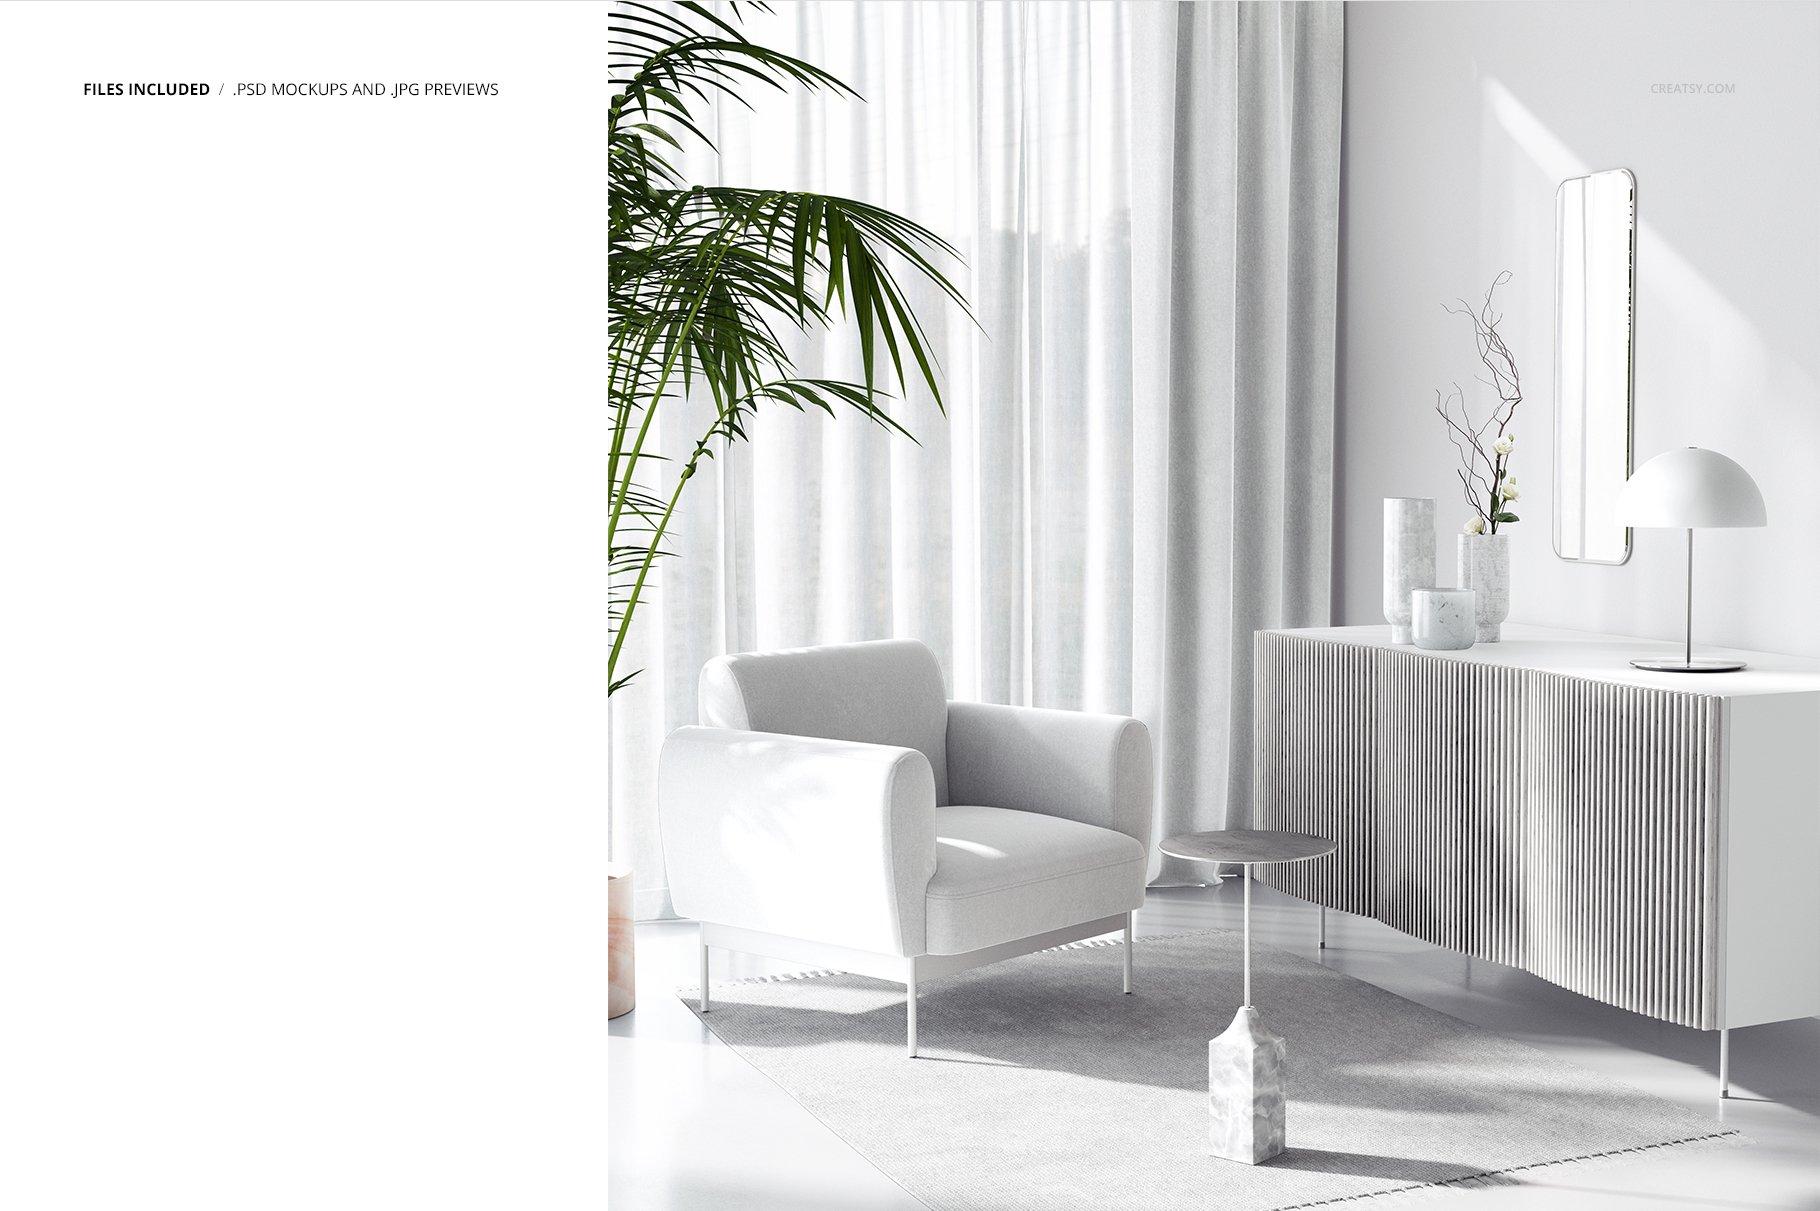 时尚室内沙发印花图案设计贴图PSD样机模板 Interior Scene Mockup插图2